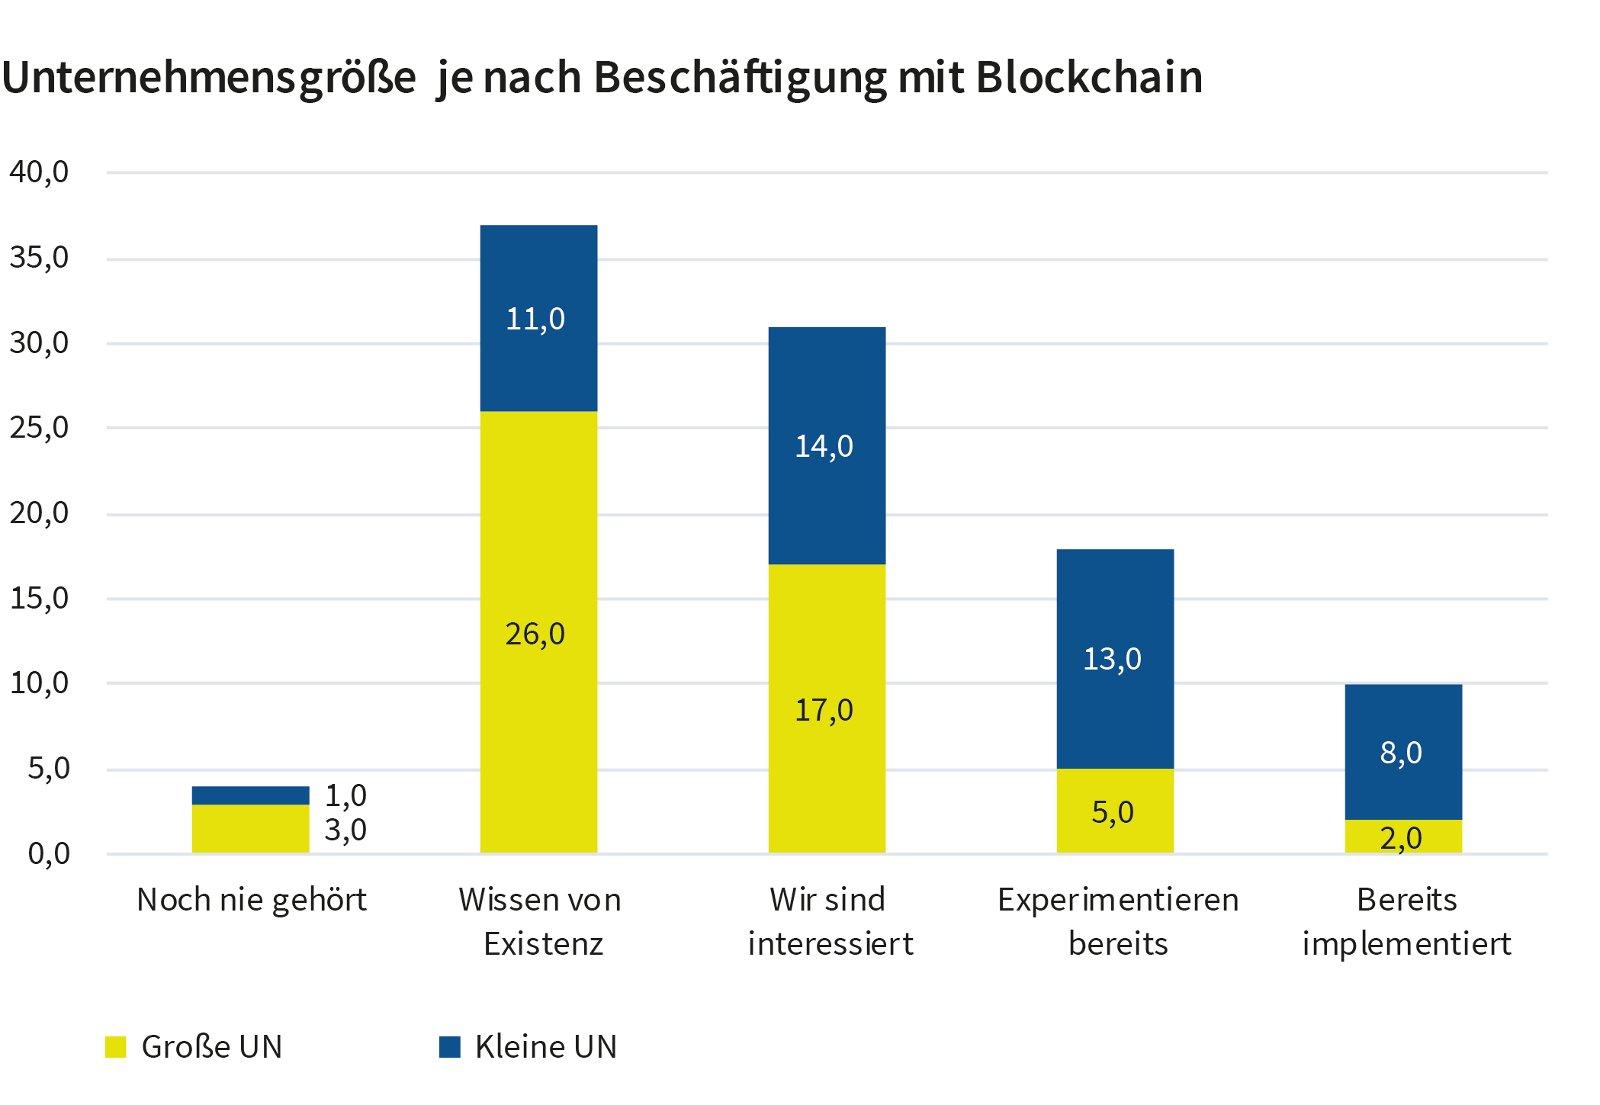 Unternehmensgröße je nach Beschäftigung mit Blockchain